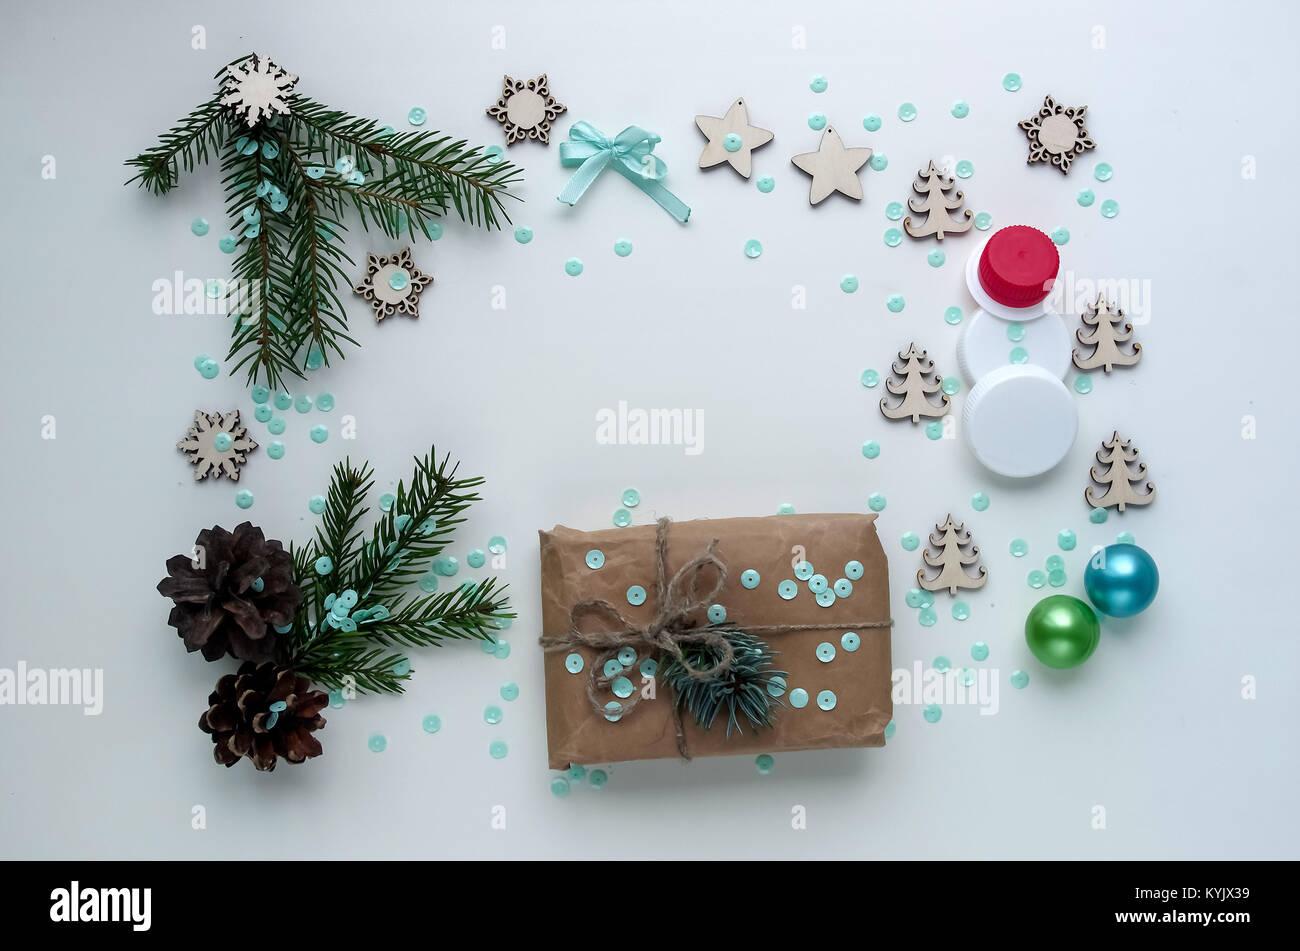 Weihnachtsgeschenke D.Weihnachtsgeschenke Und Geschenke Für Den Urlaub Fichte äste Und D